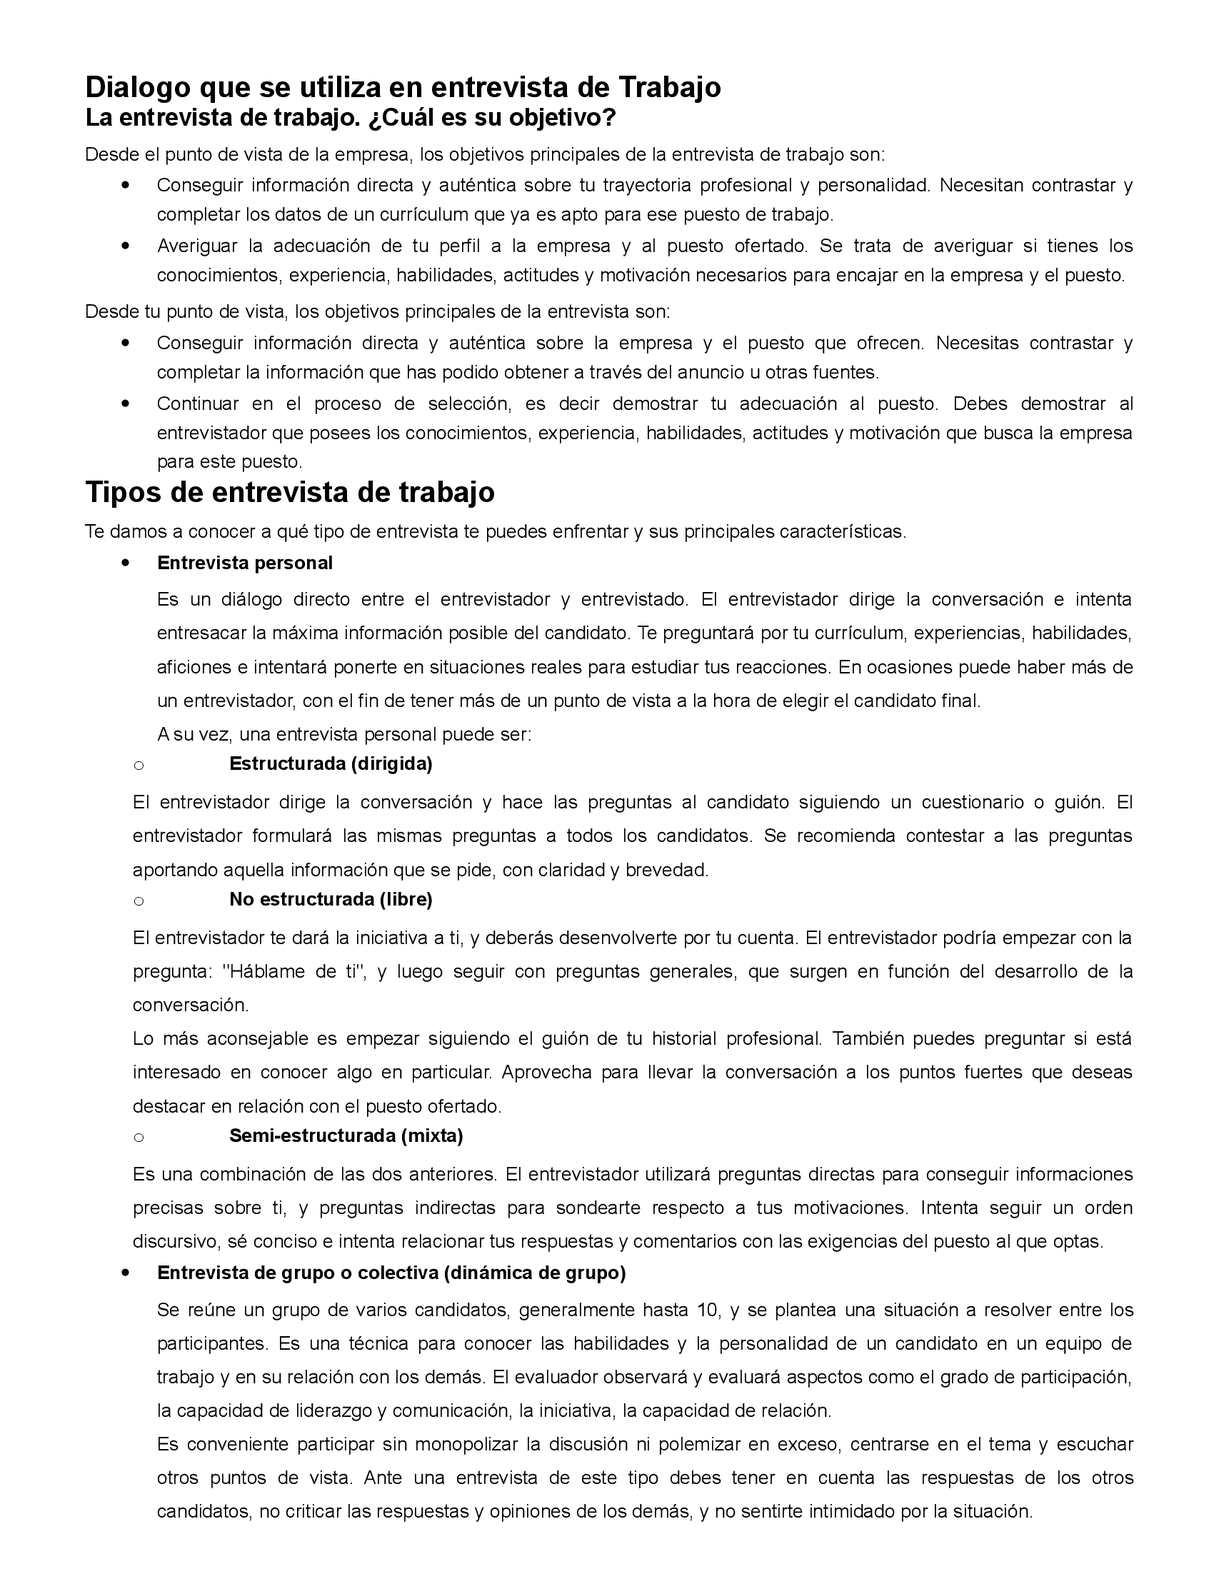 Calaméo - Dialogo Que Se Utiliza En Entrevista De Trabajo